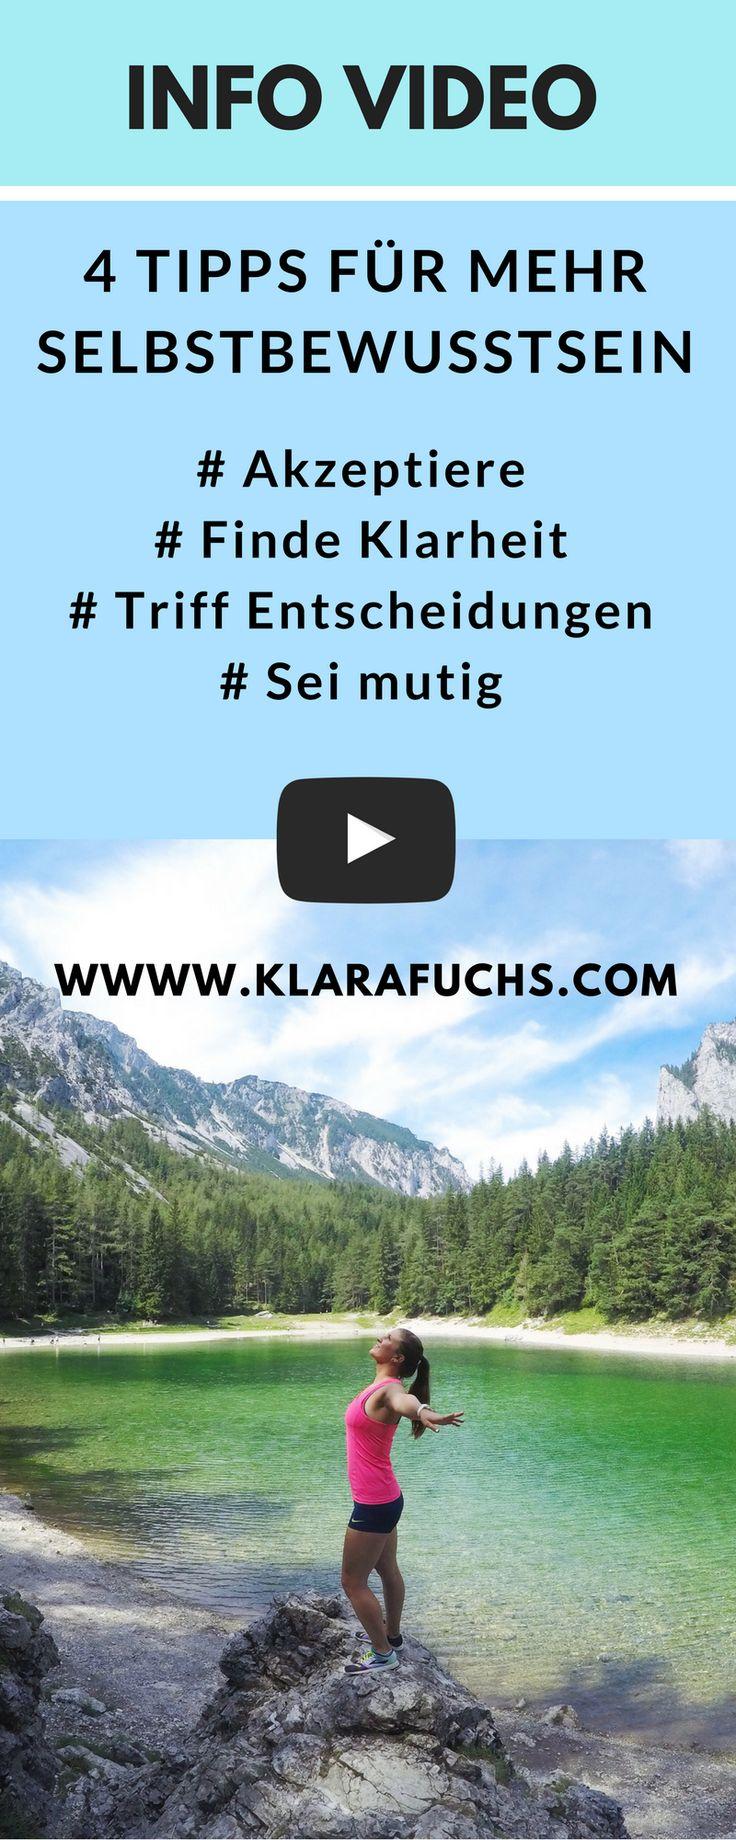 VIDEO: 4 wichtige Tipps für mehr Selbstvertrauen - KlaraFuchs.com // Tolle Tipps für mehr Selbstvertrauen und SElbstbewusstsein! Verändere dein Leben JETZT!! Mentalcoach Klara Fuchs gibt die besten Tipps. #selbstvertrauen #gesundheit #joggen #selbstliebe #selbstbewusstsein